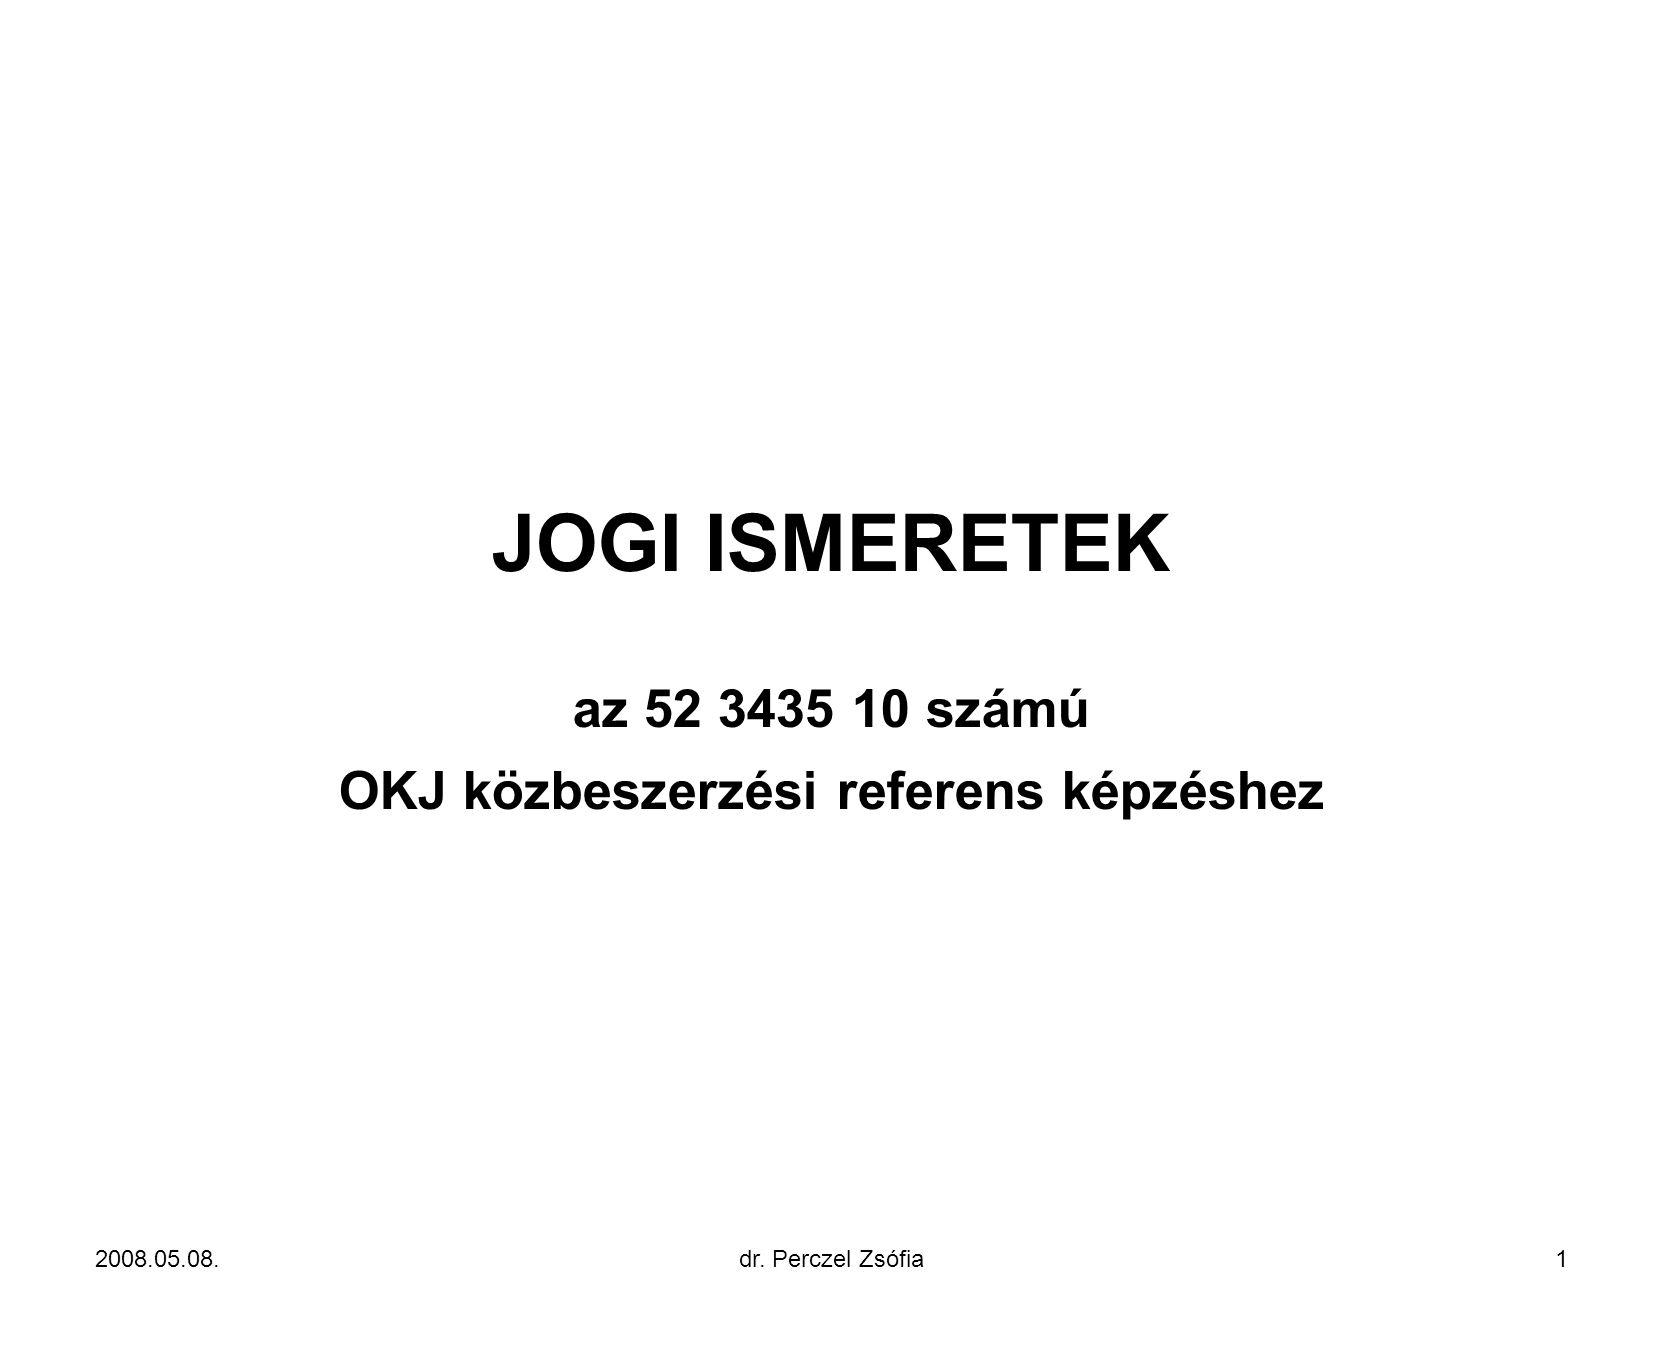 JOGI ISMERETEK az 52 3435 10 számú OKJ közbeszerzési referens képzéshez